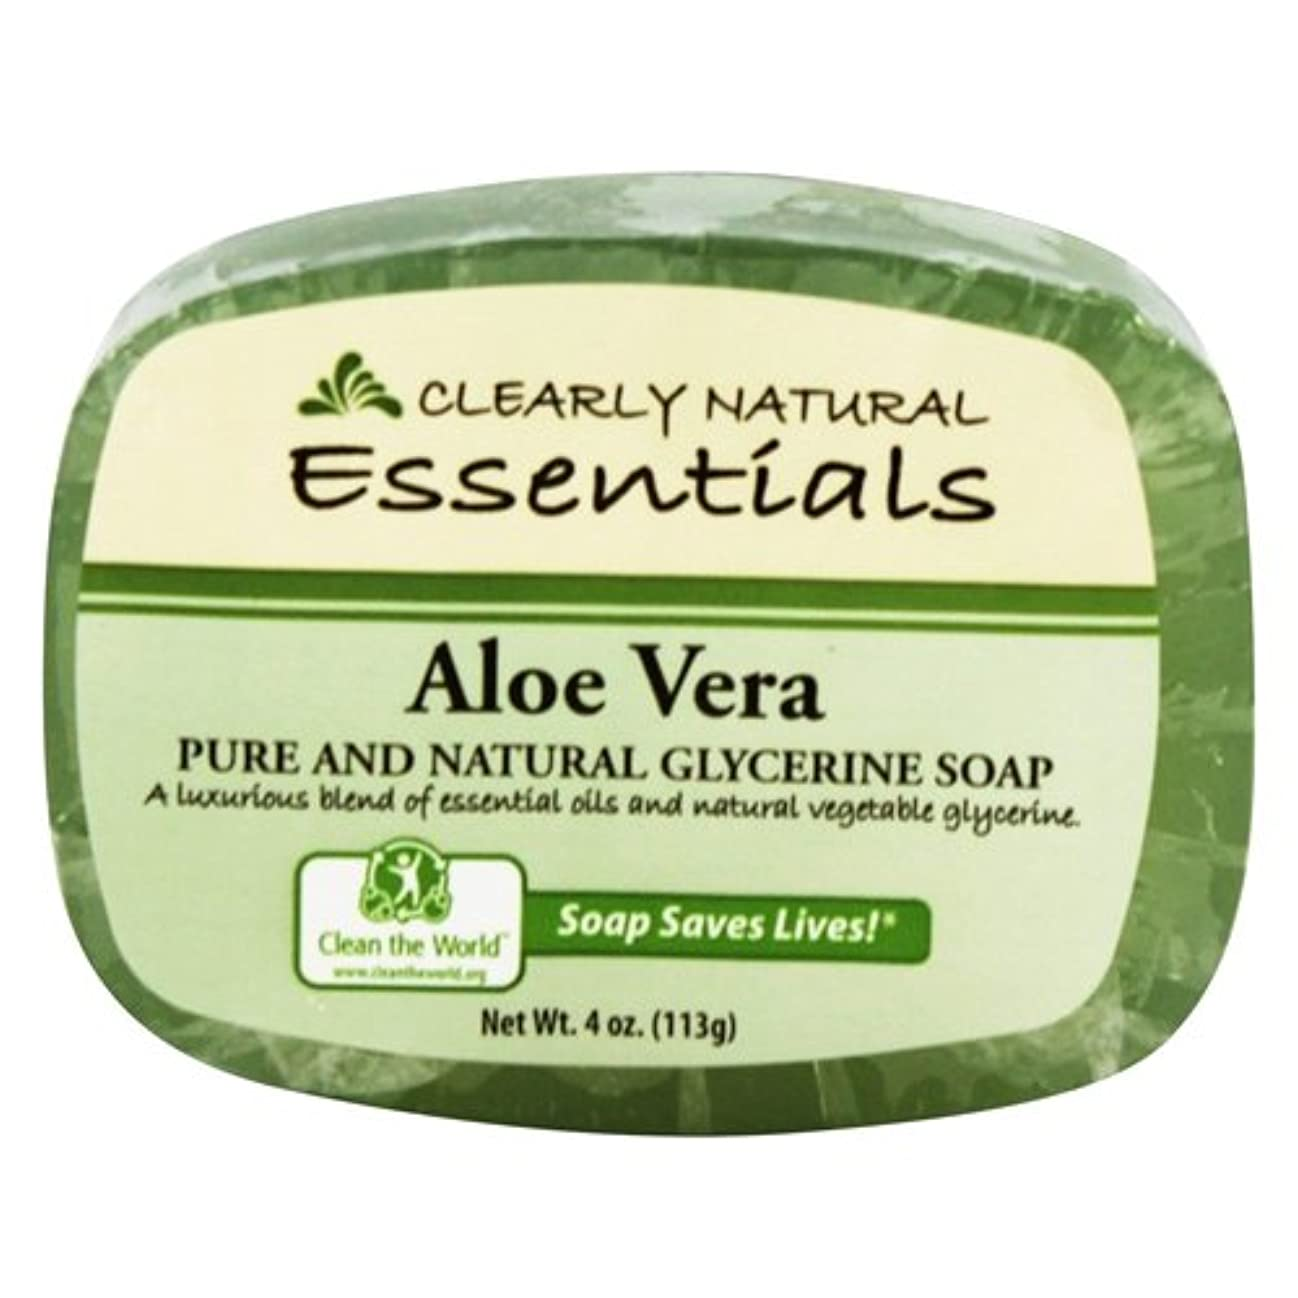 同意する根絶する制限Clearly Natural - グリセリン石鹸アロエベラ - 4ポンド